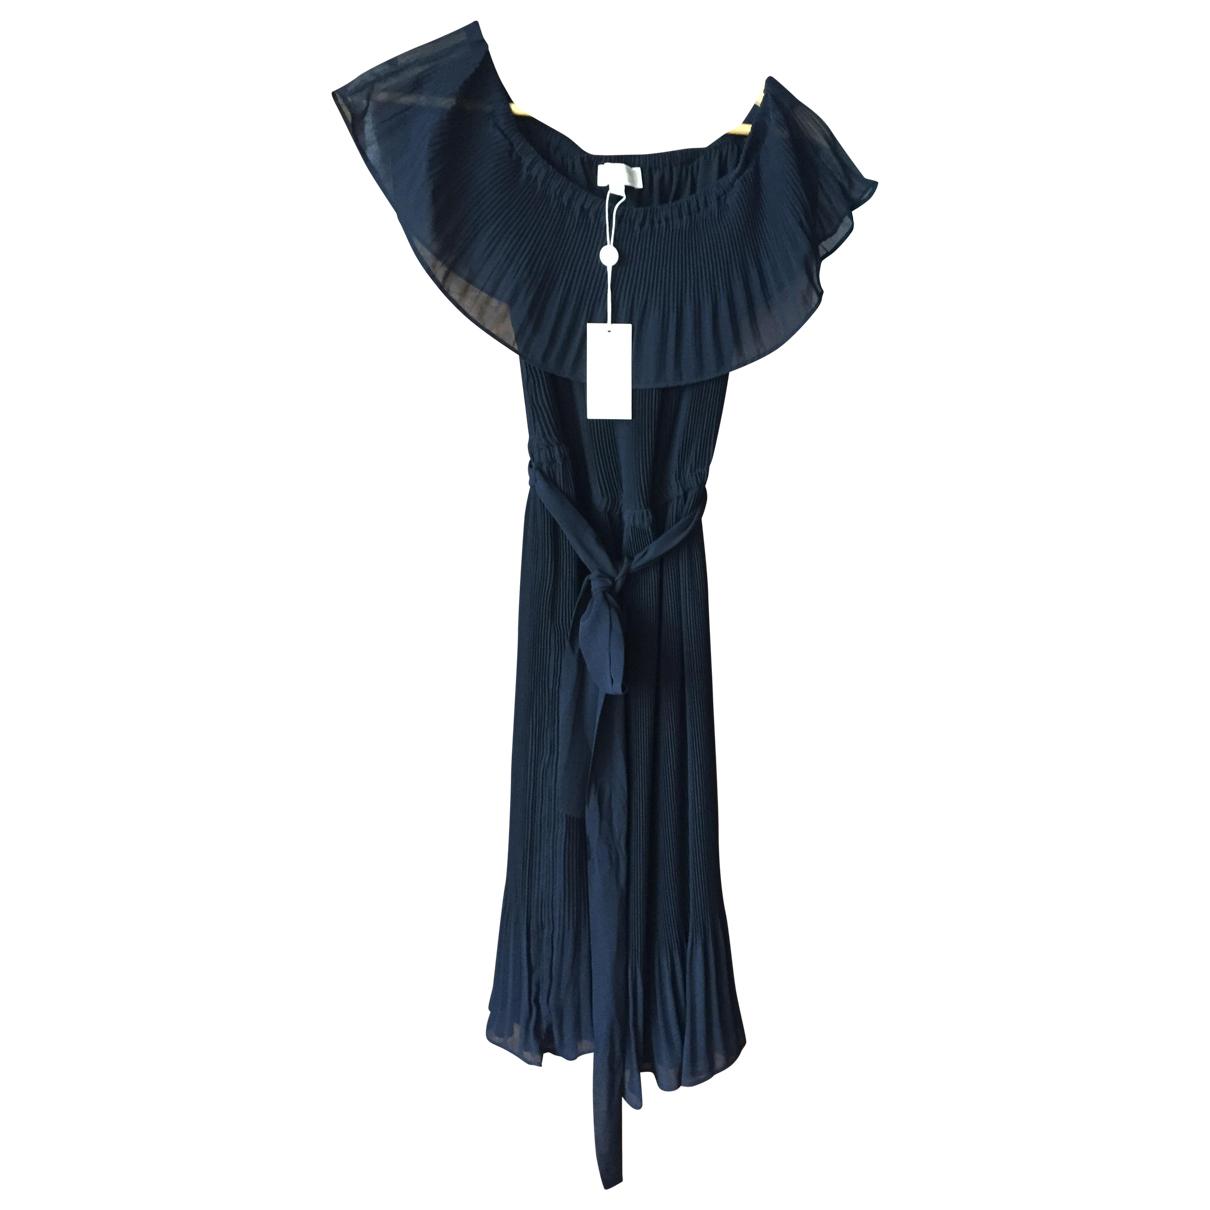 Michael Kors \N Kleid in  Schwarz Synthetik